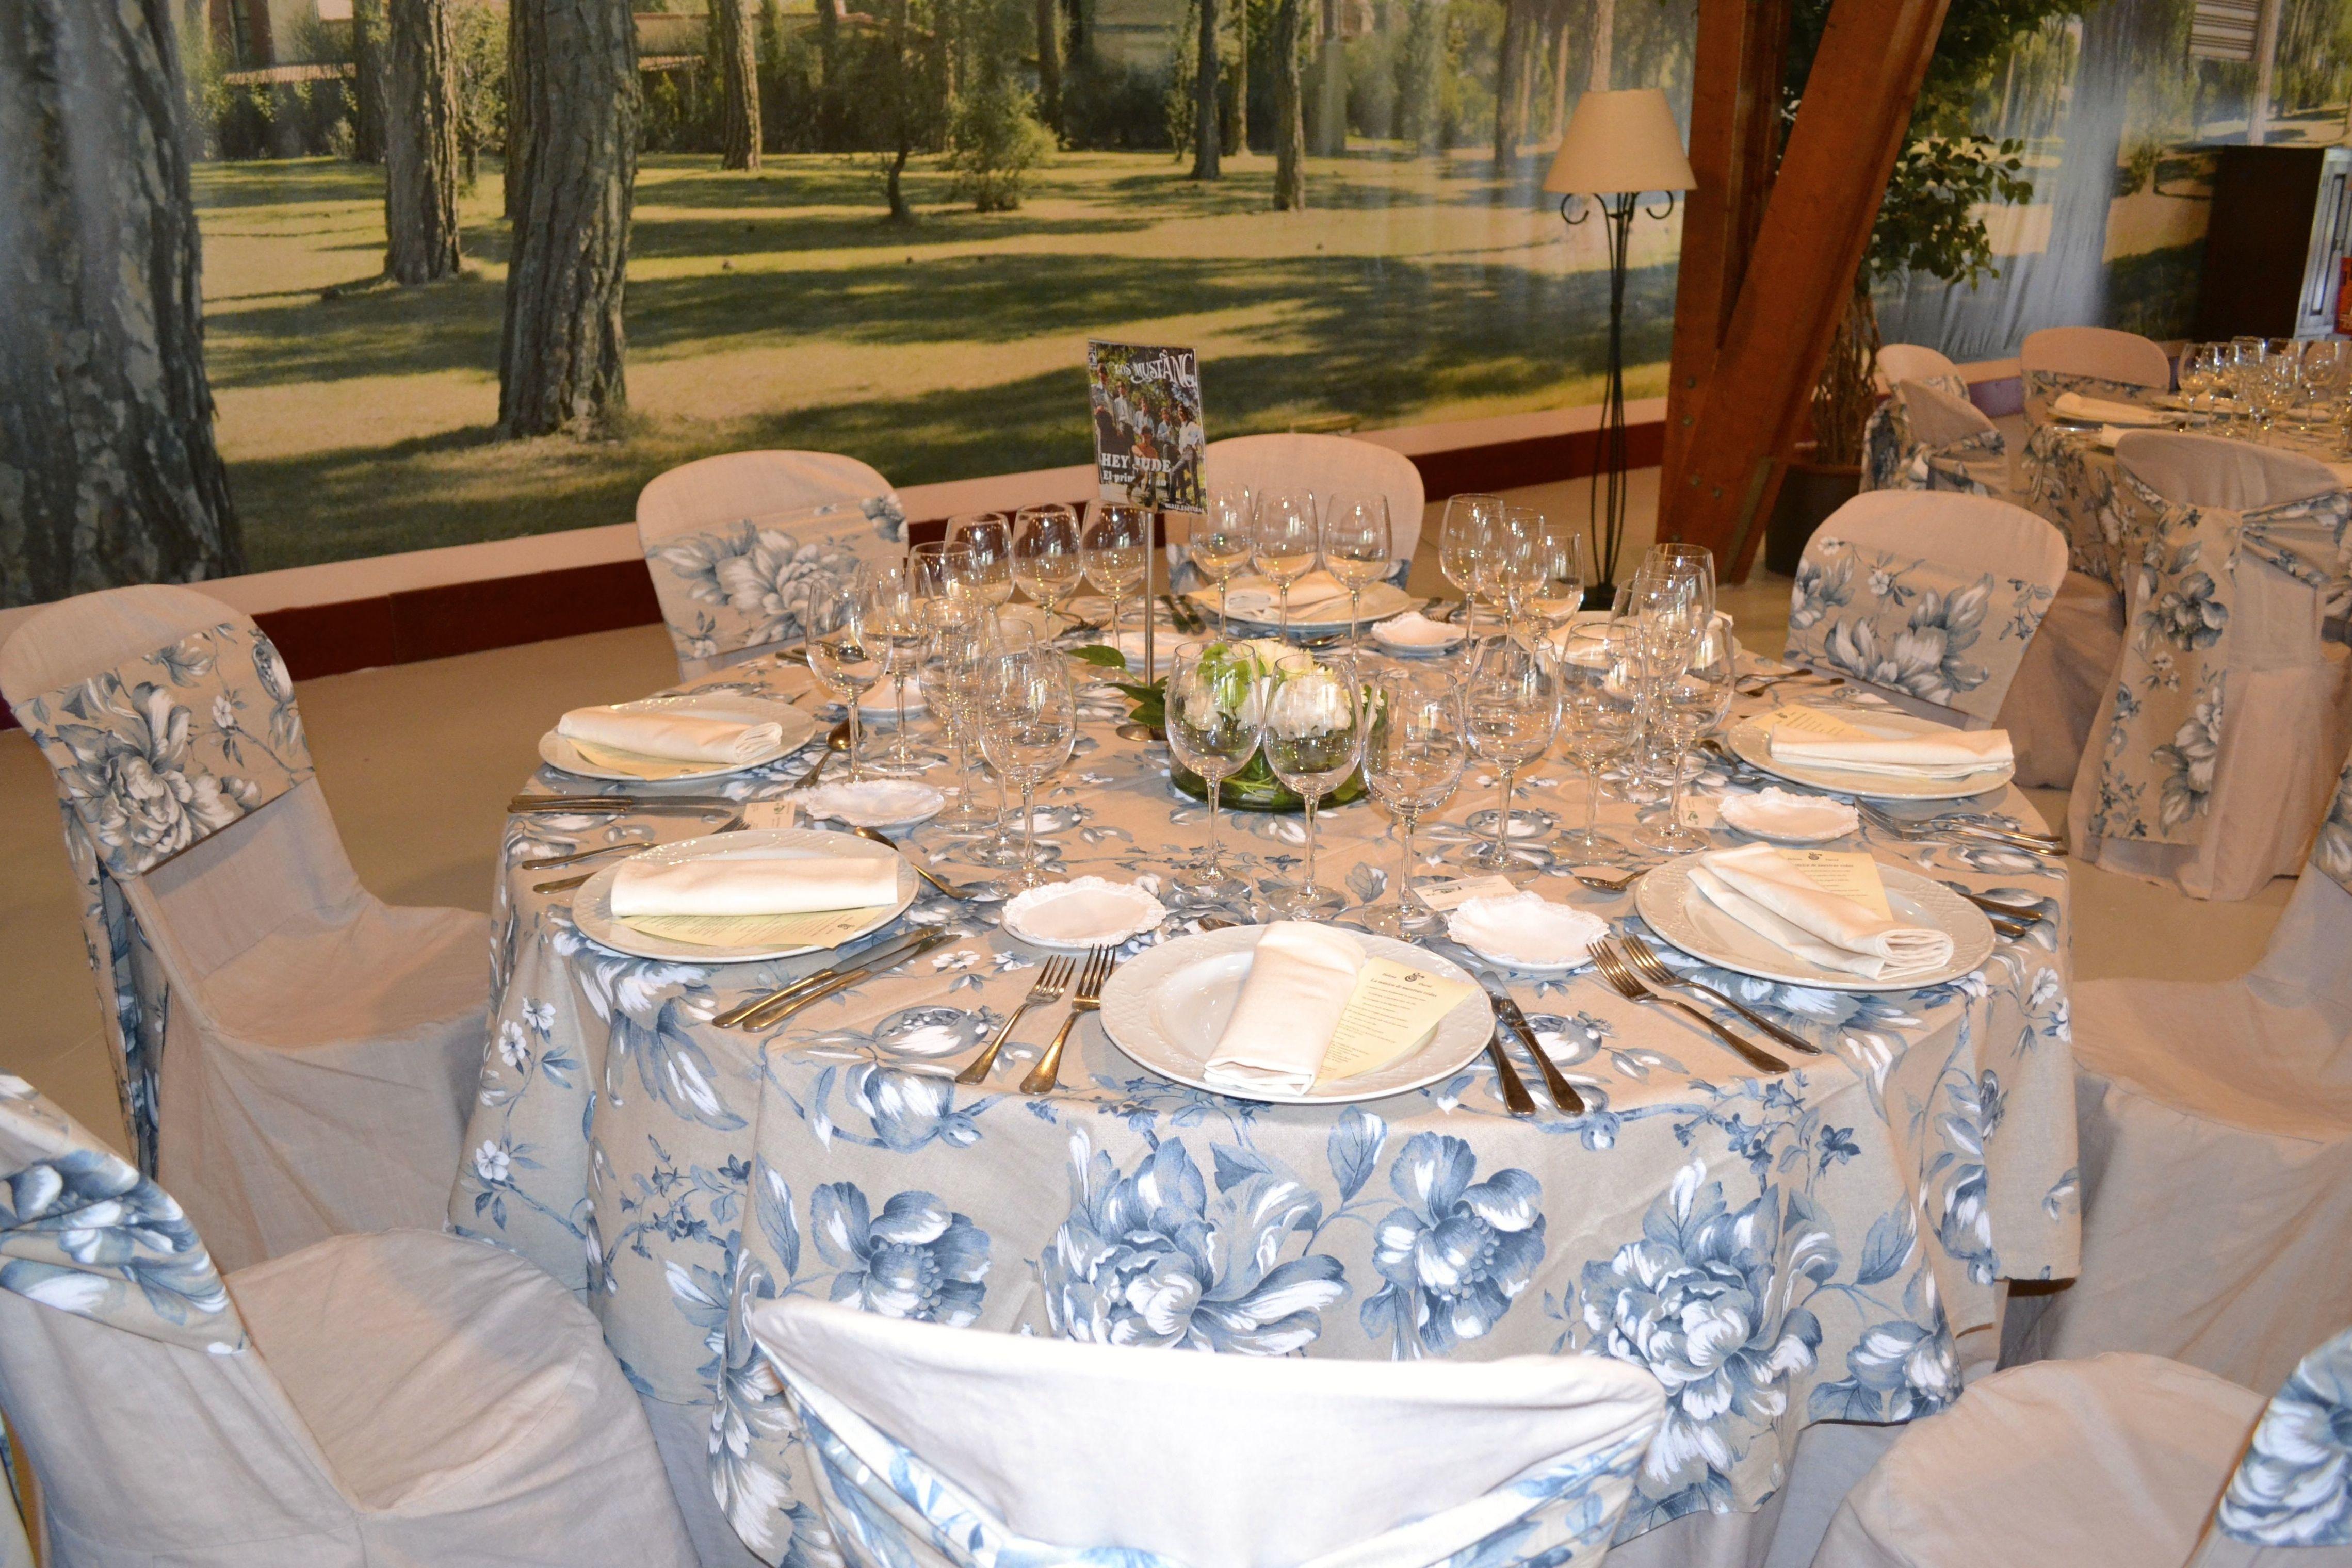 Manteles boda imagenes - Imagenes de mesas con manteles ...